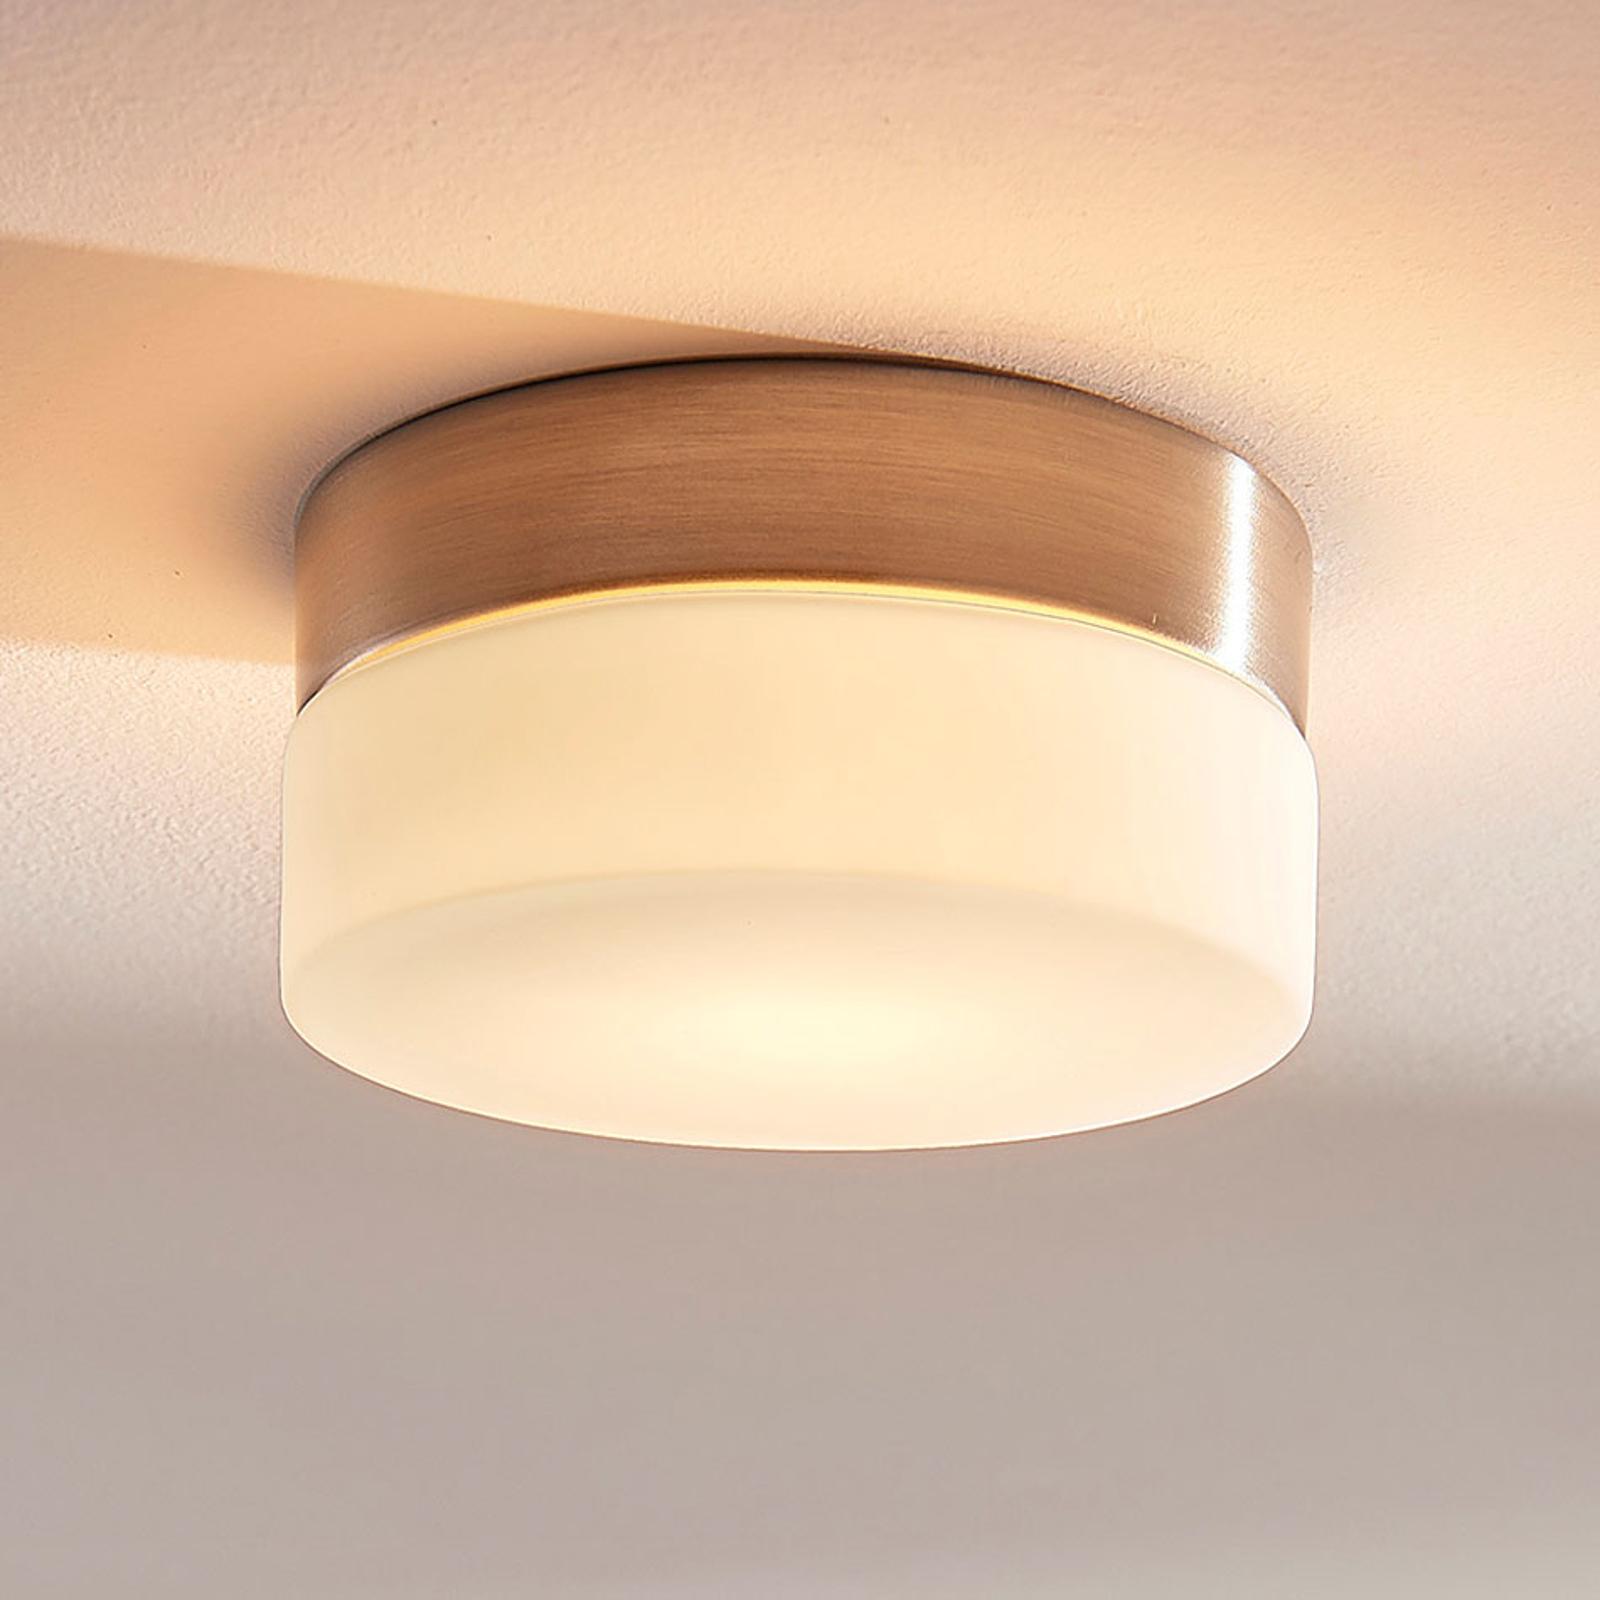 Okrągła łazienkowa lampa sufitowa Amilia